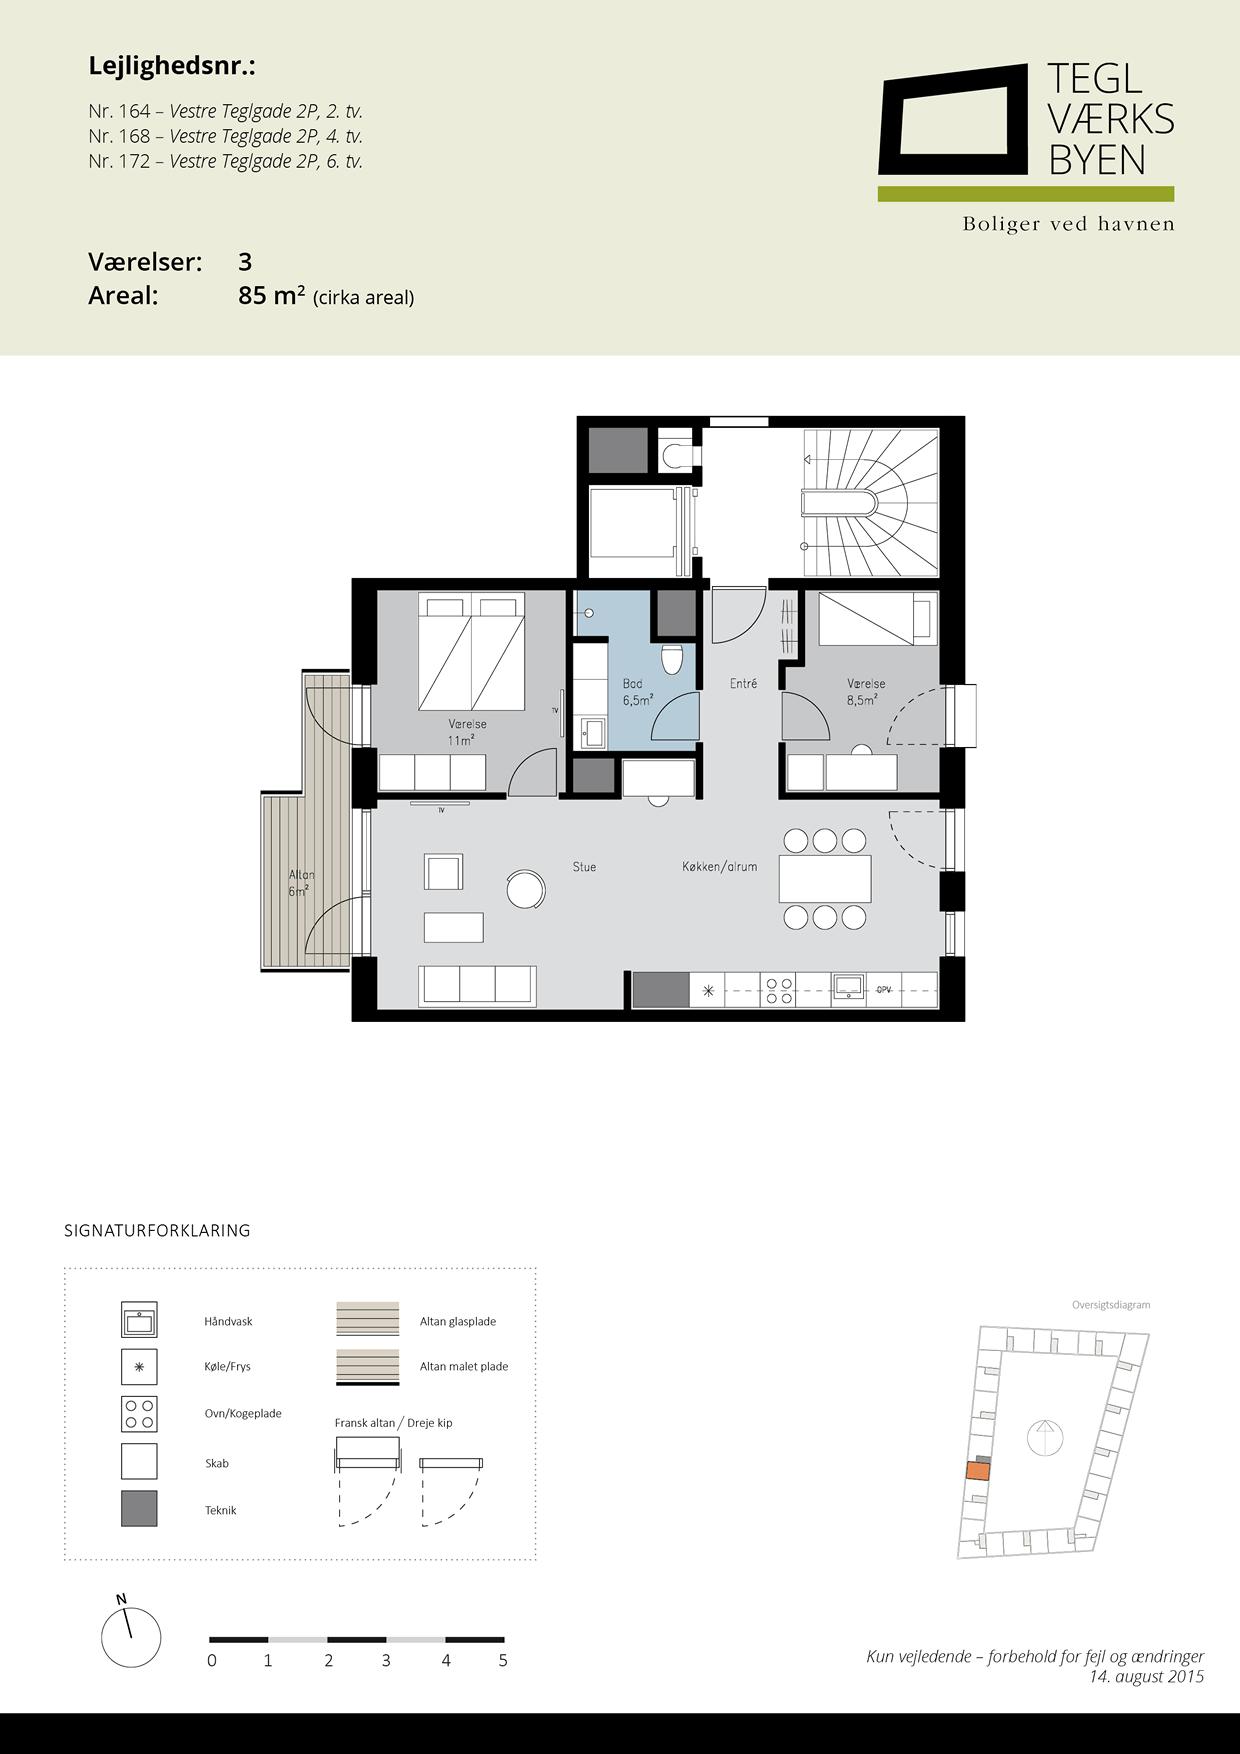 Teglvaerksbyen_164-168-172_plan